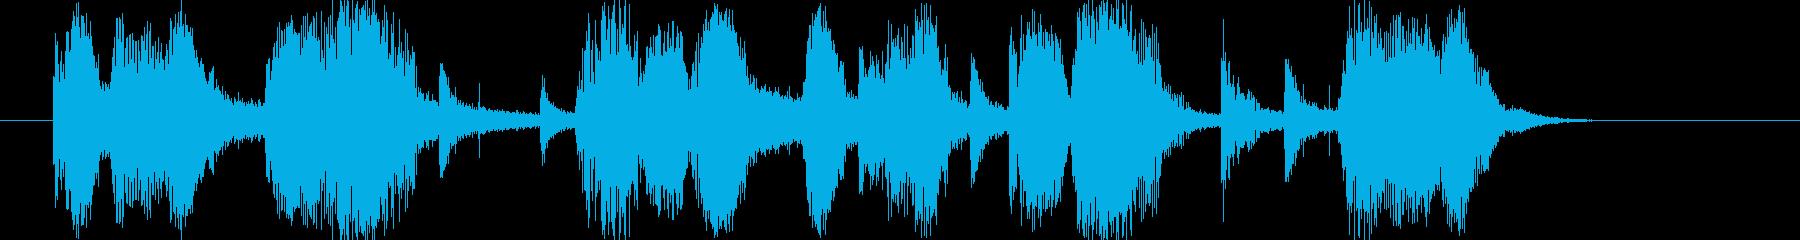 ヴィンテージ・オールド・ジャズなジングルの再生済みの波形